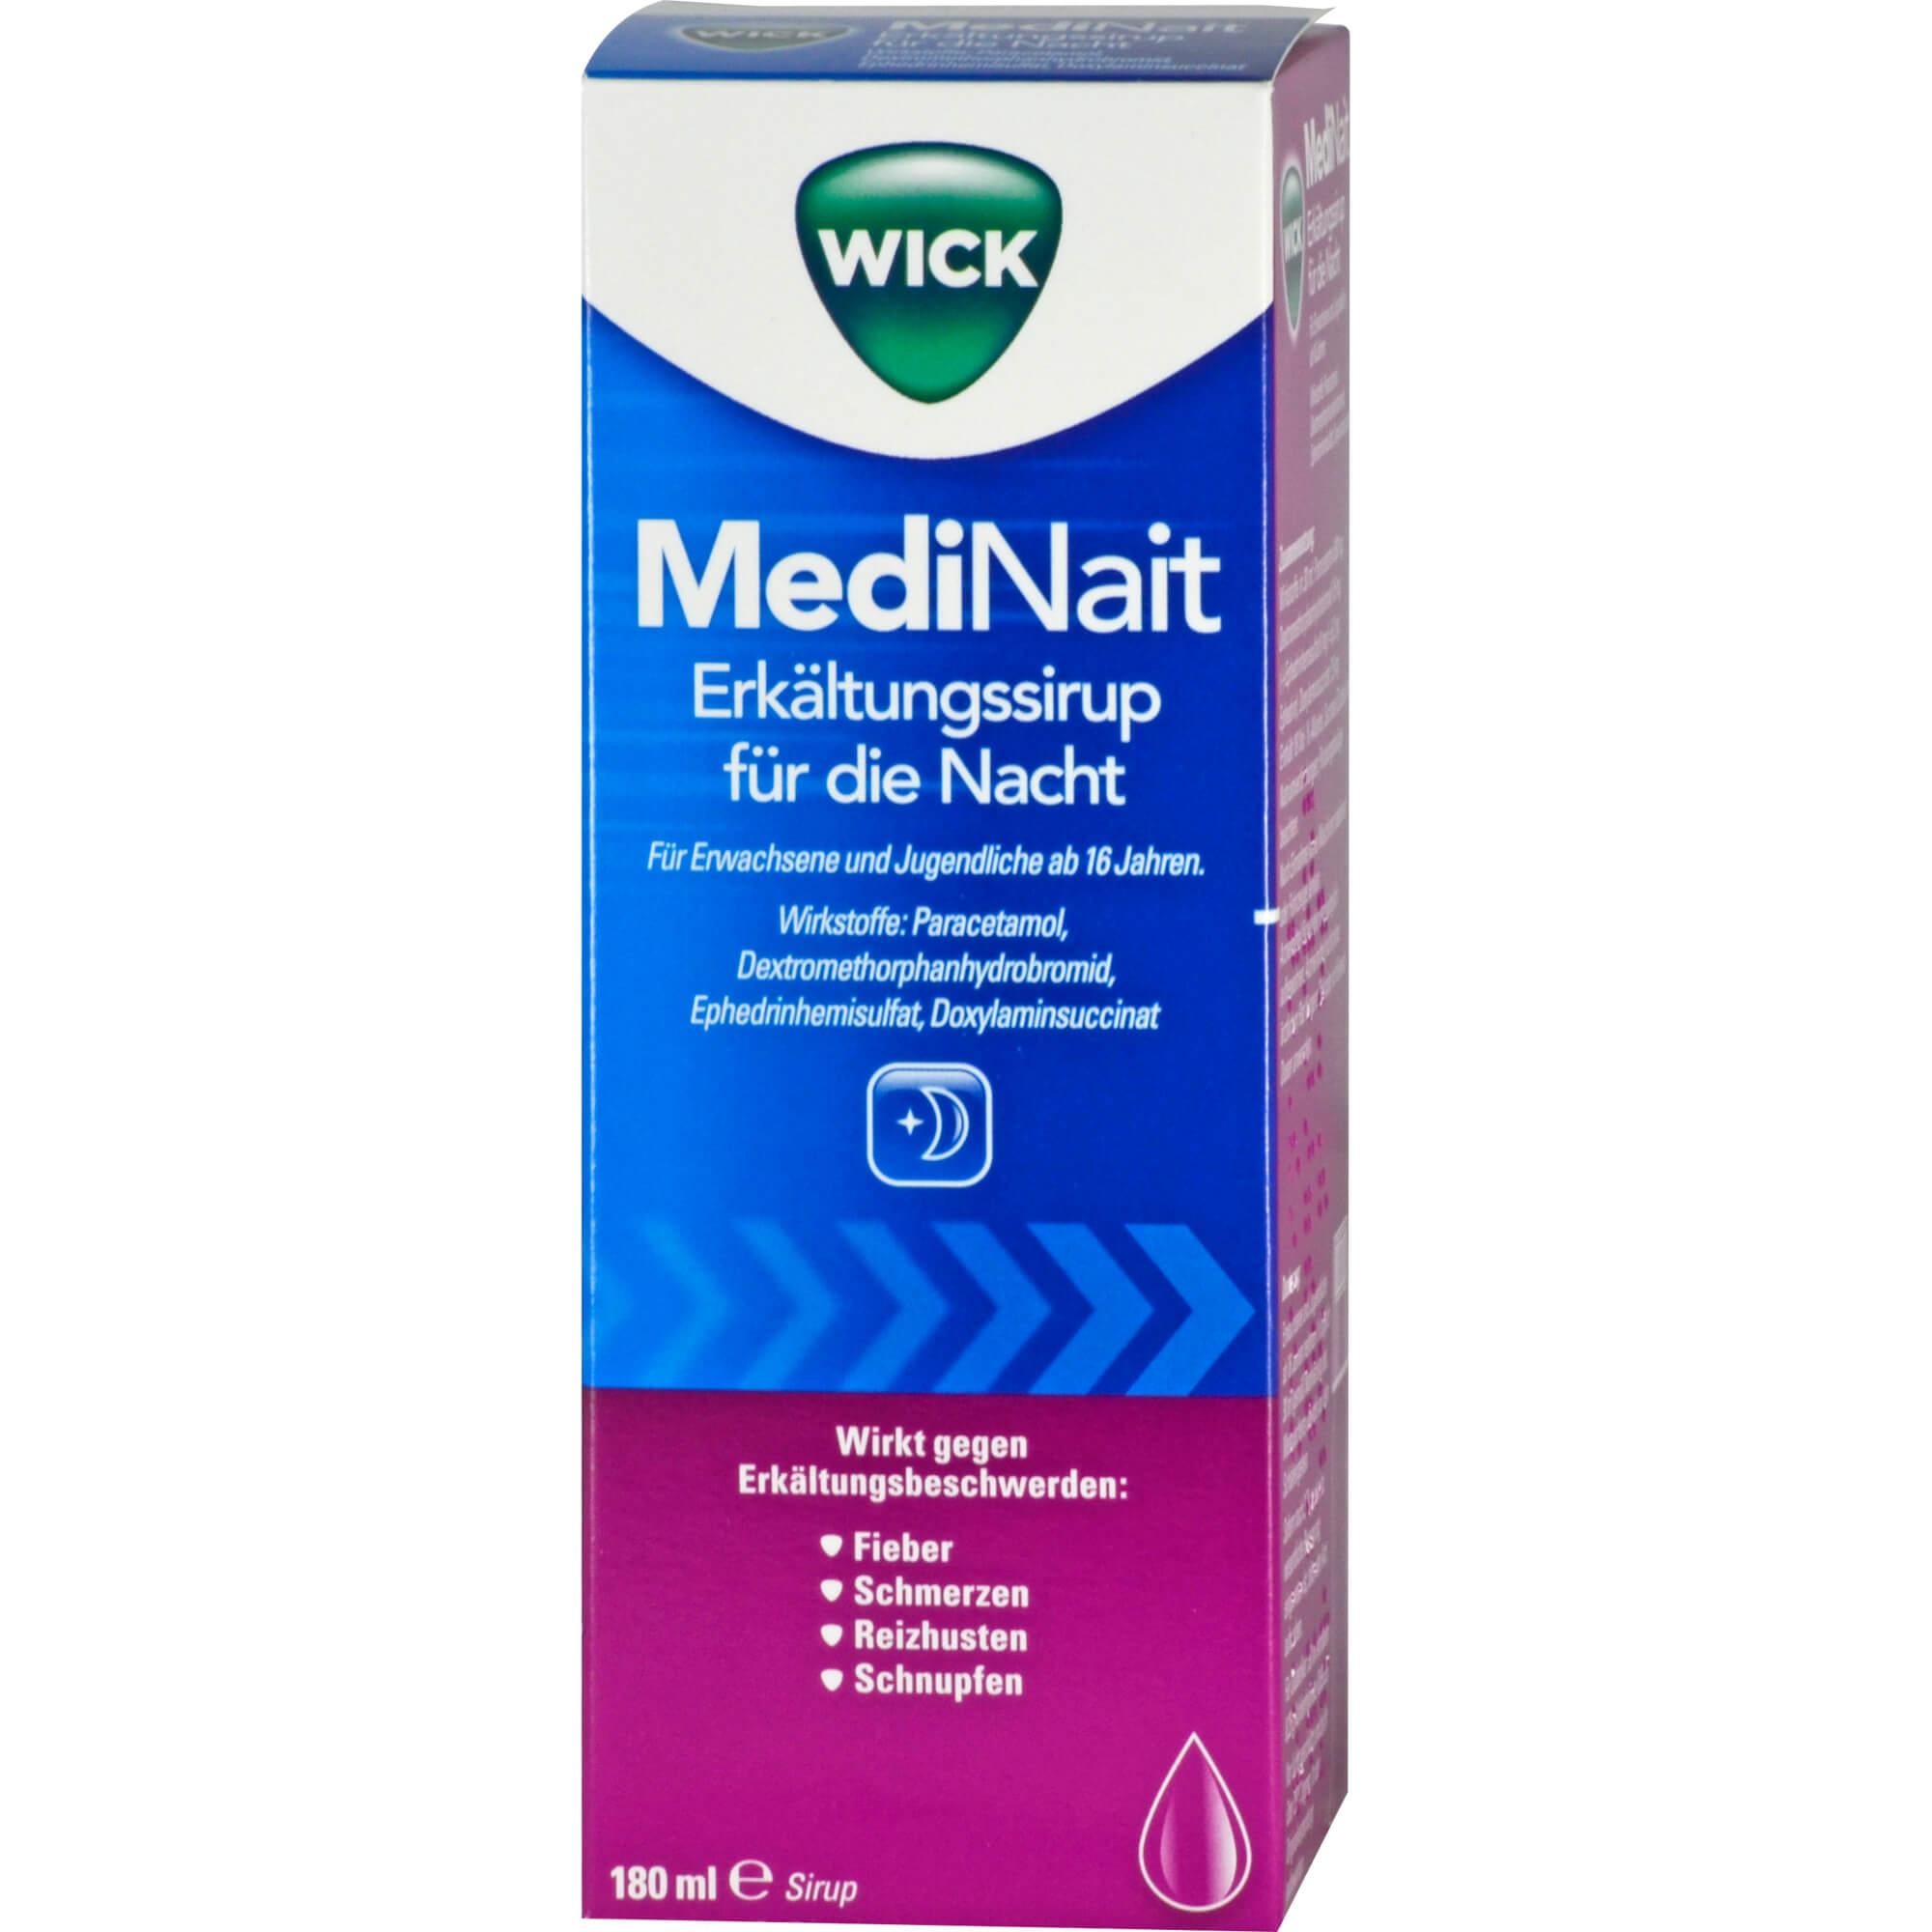 WICK-MediNait-Erkaeltungssaft